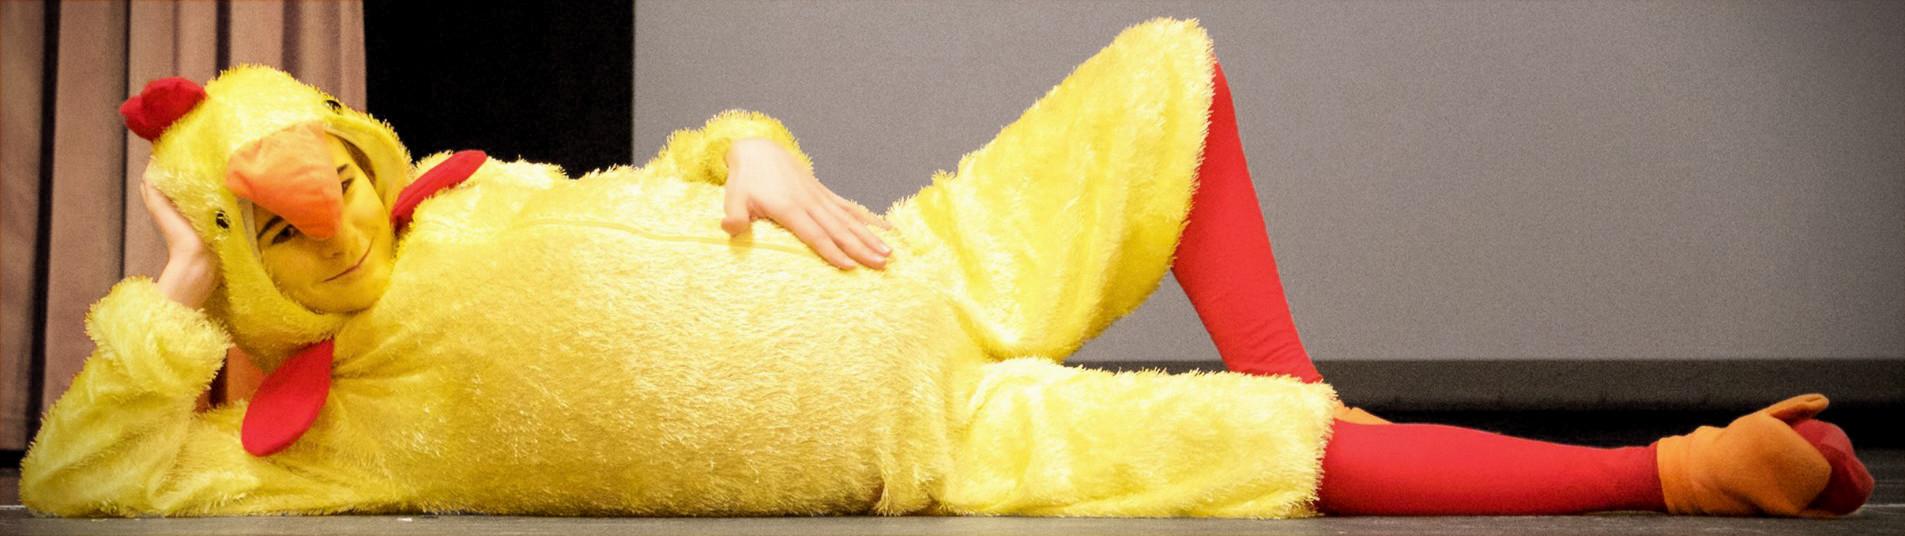 pinup-kylling